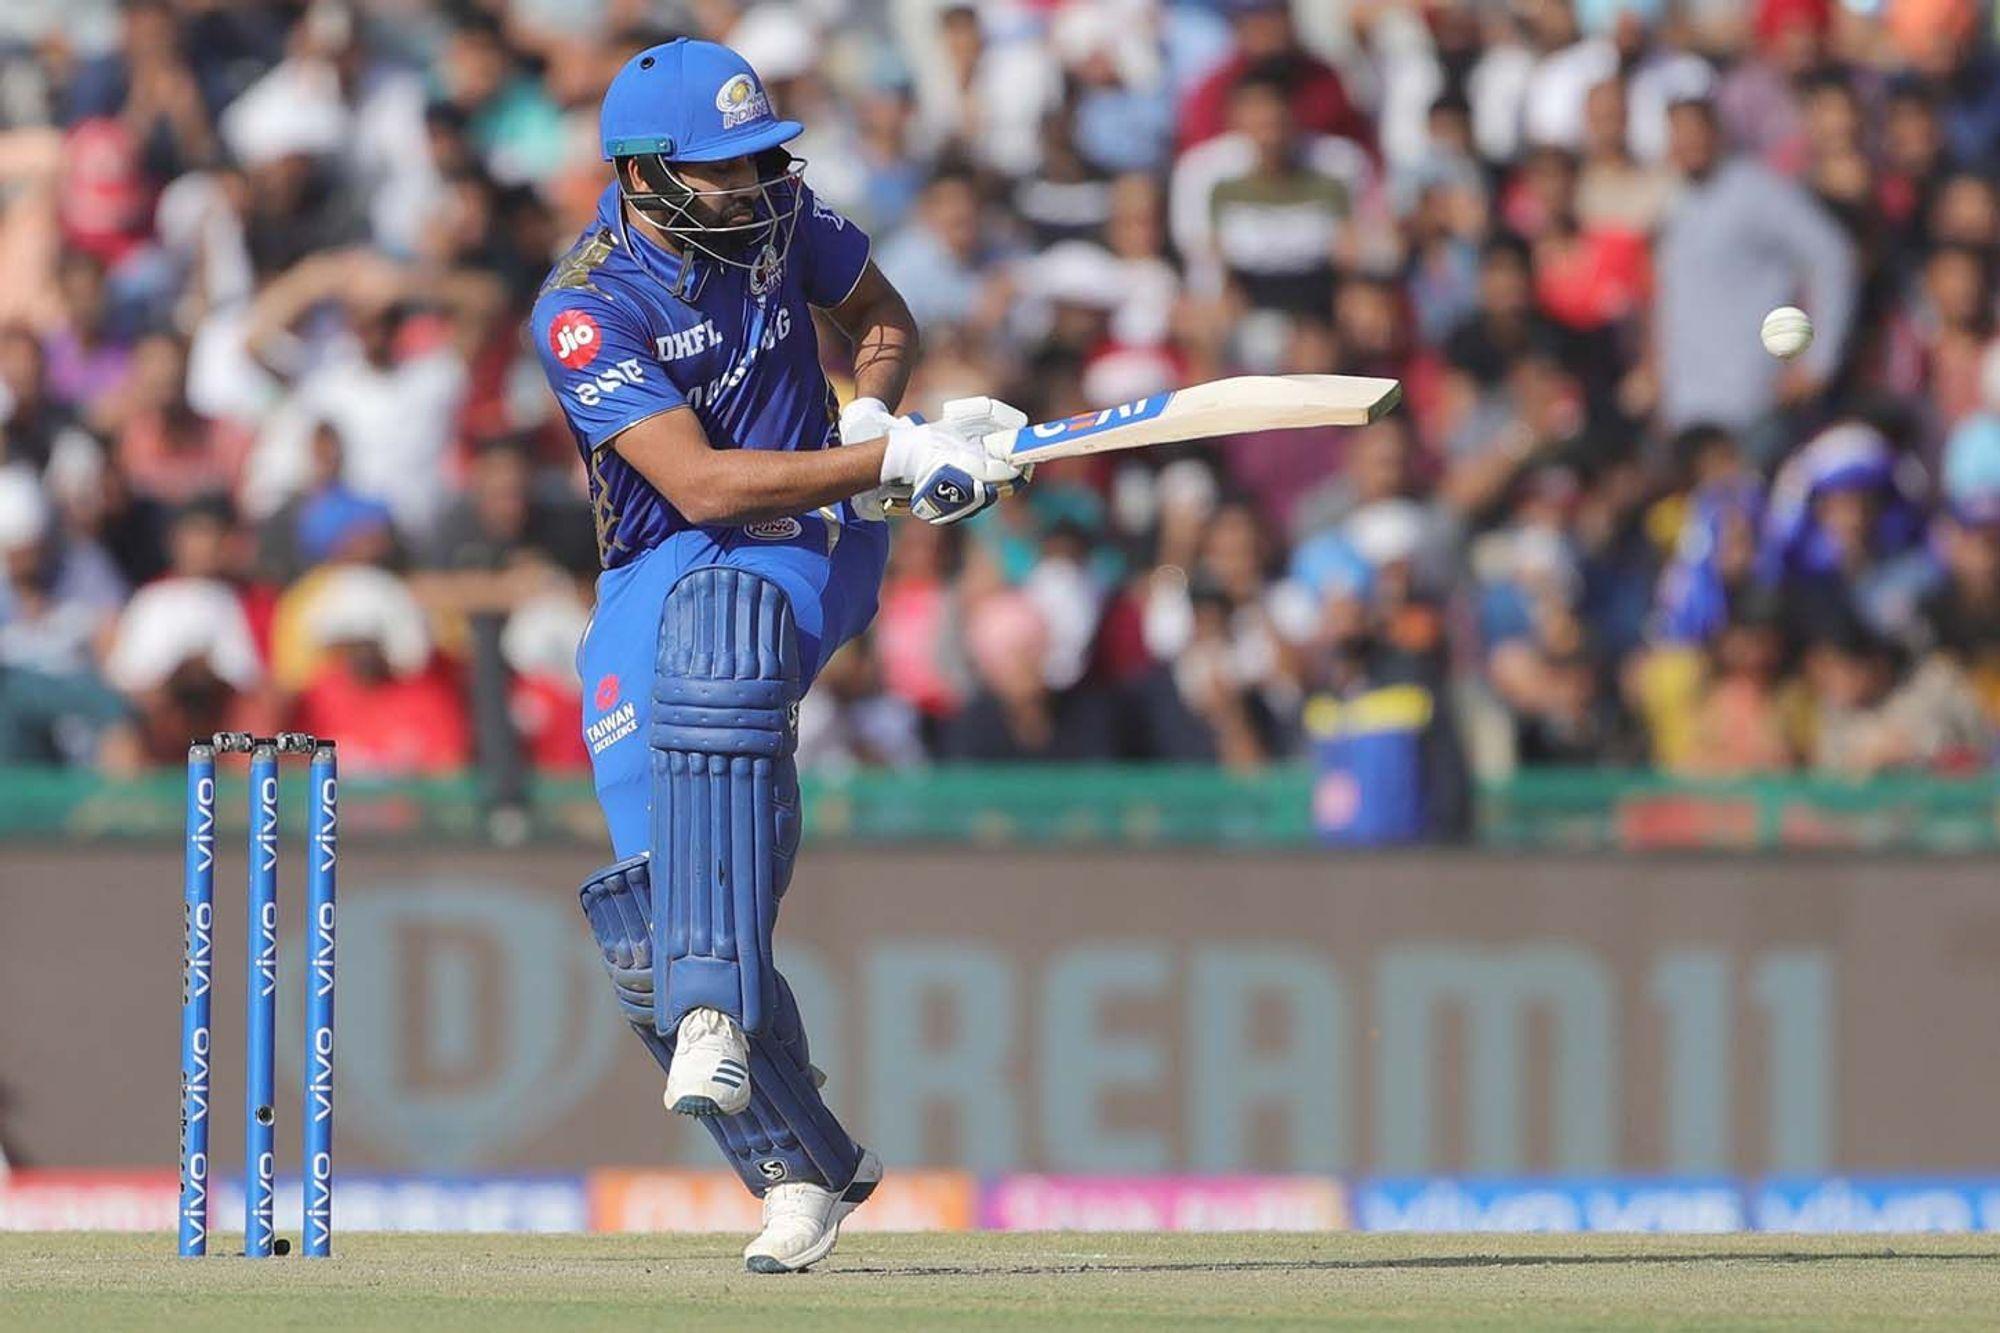 IPL 2019: रोहित शर्मा नहीं तोड़ सके सुरेश रैना का ऐतिहासिक रिकॉर्ड, अब लंबे समय तक कायम रहेगा रैना का ये रिकॉर्ड 1